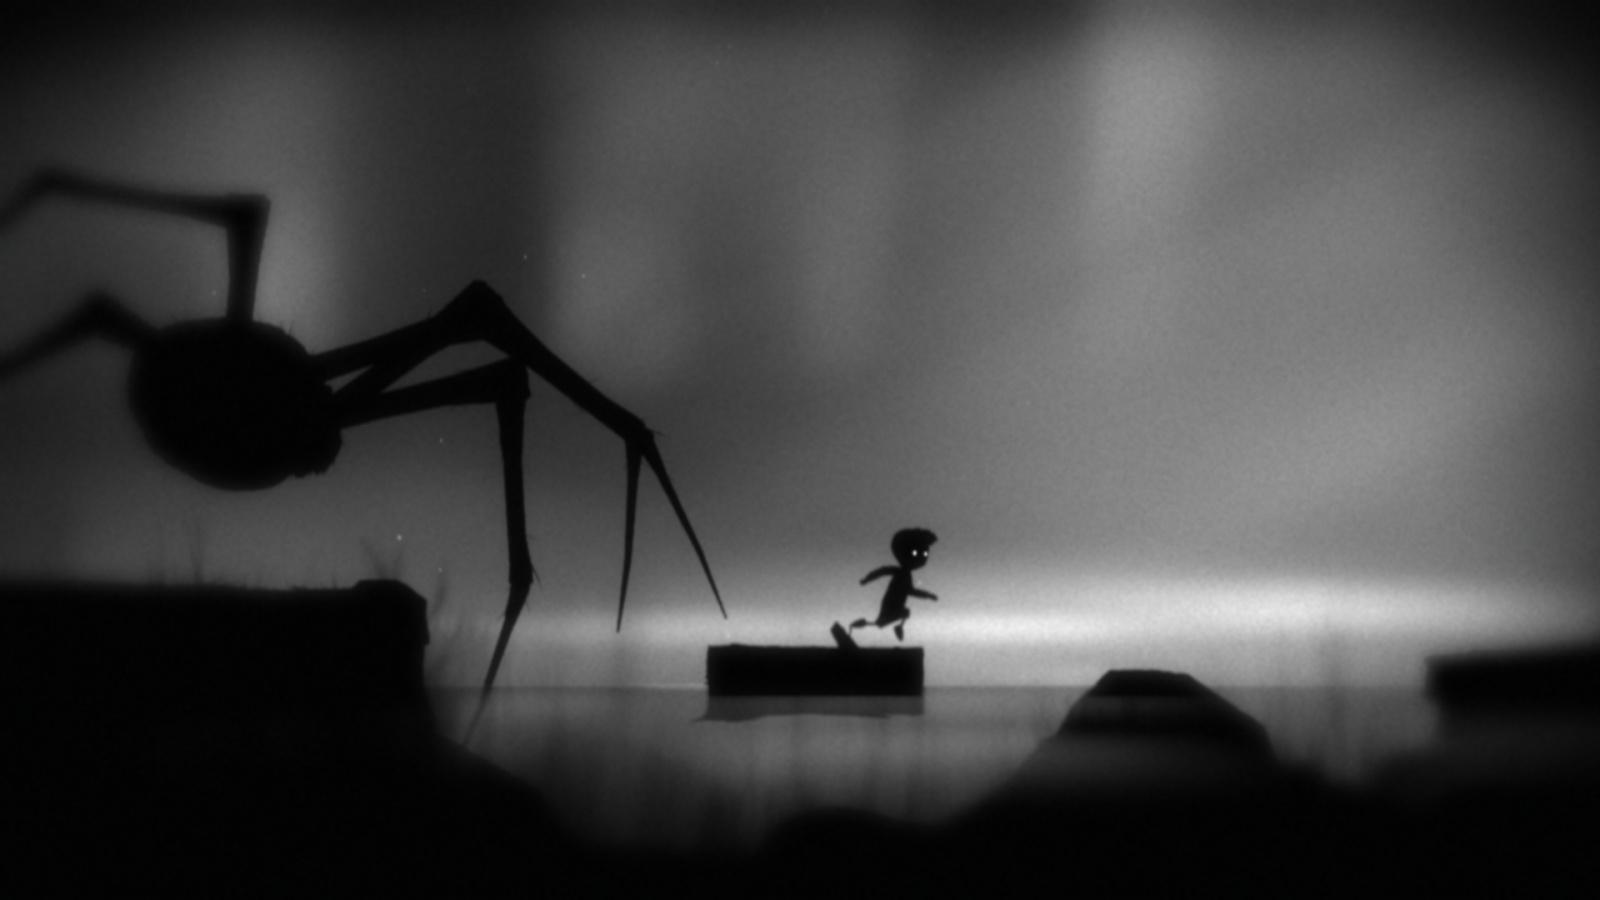 Инди-игры: какие проблемы есть в их разработке и что главное при их создании - 3